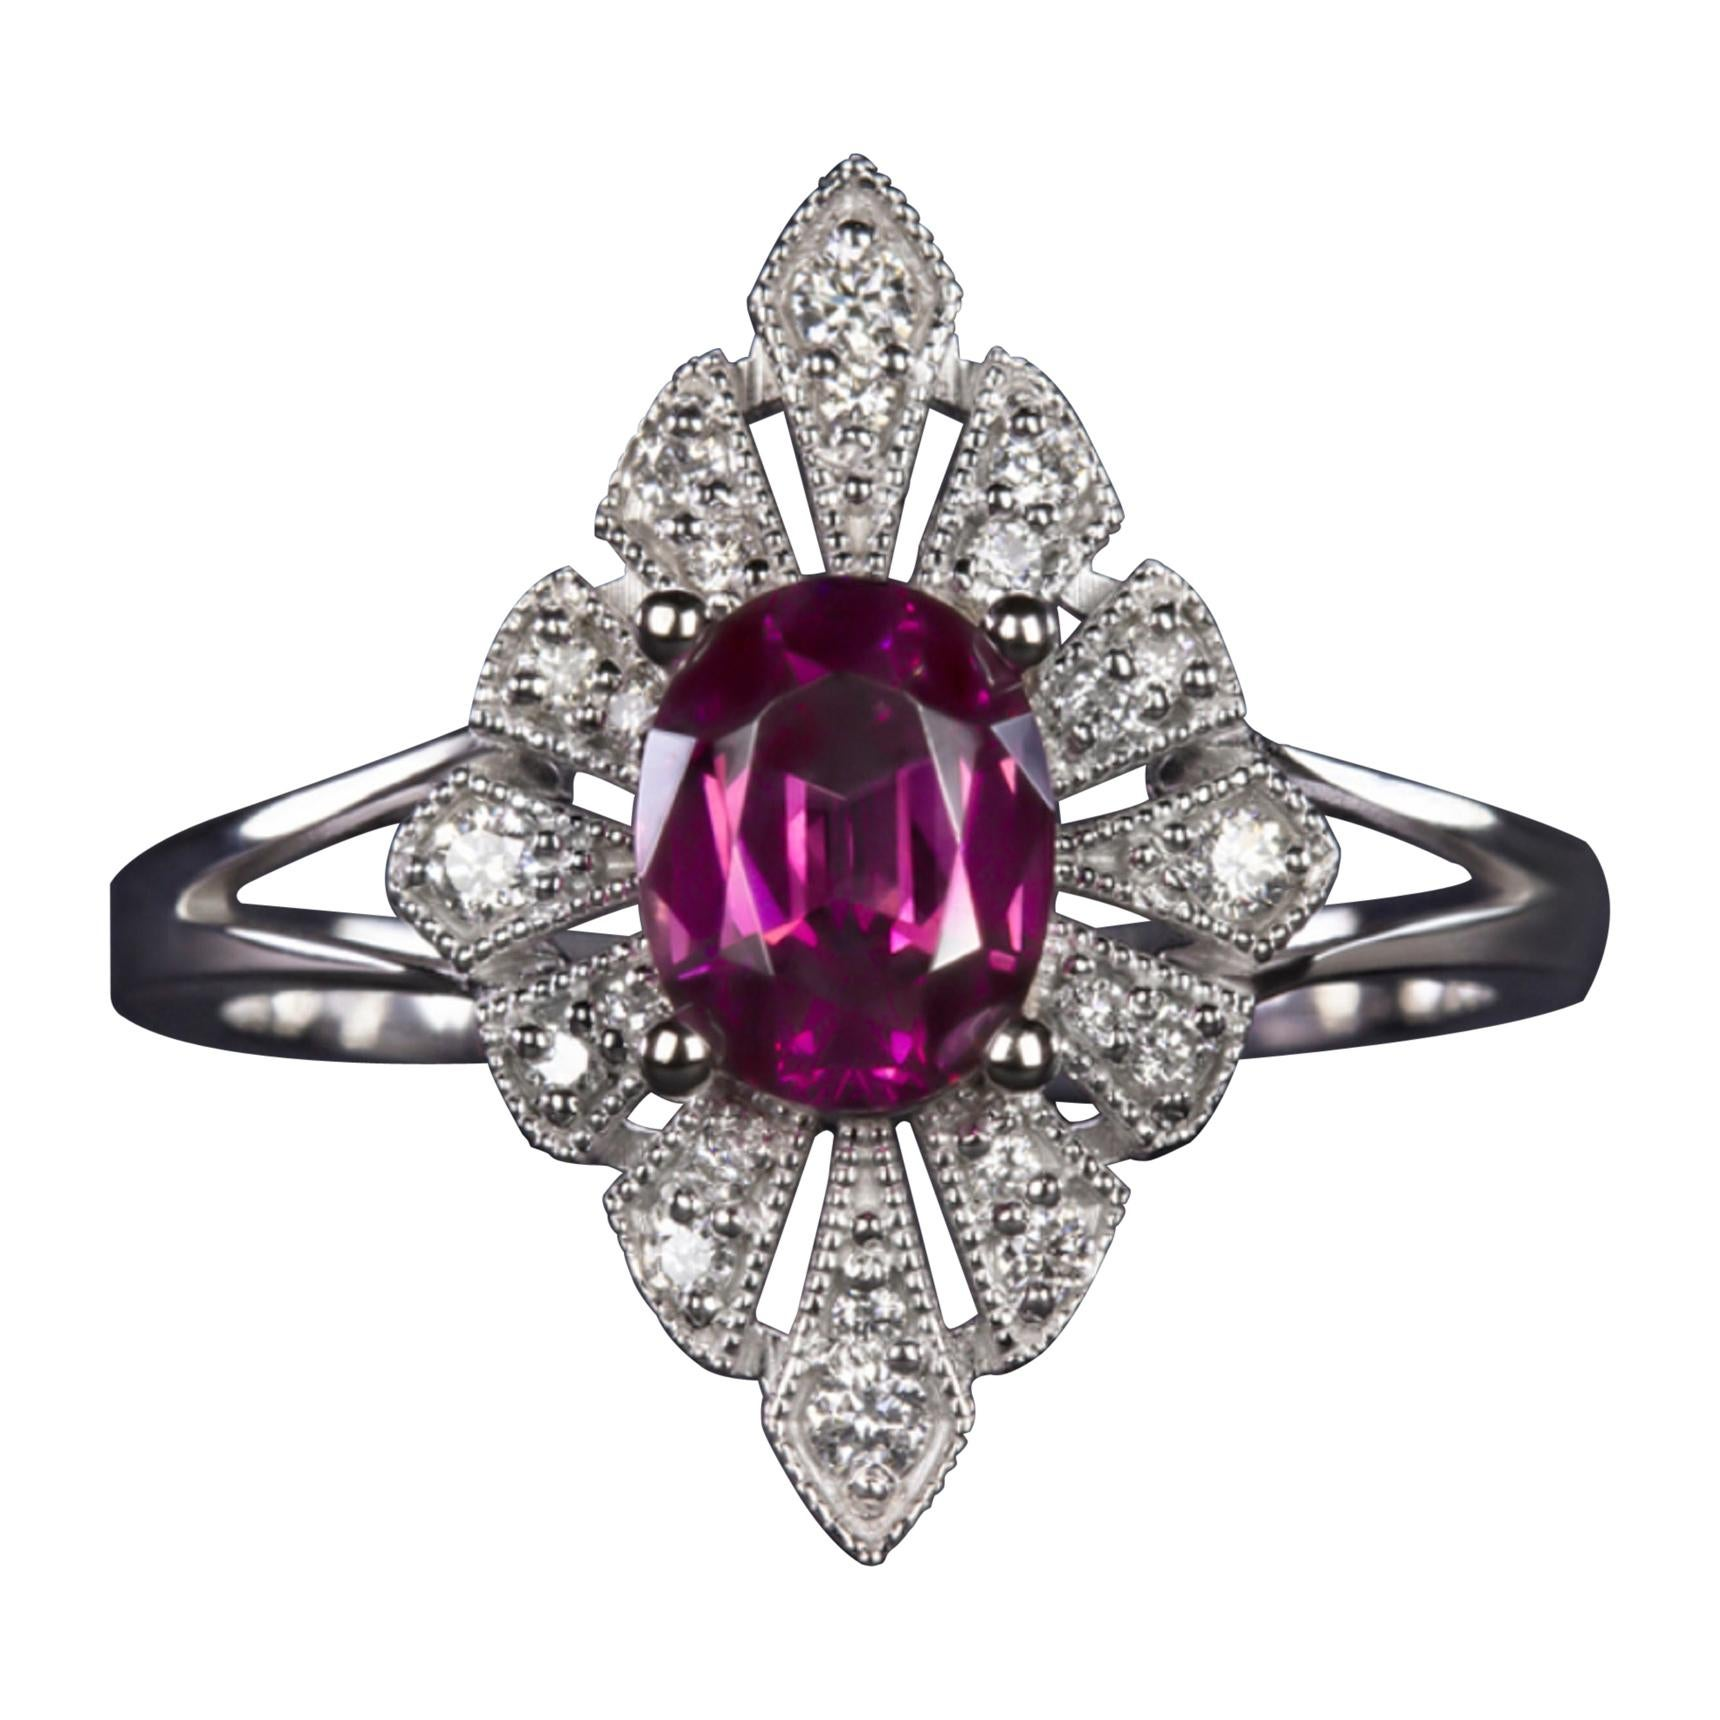 1.32 Carat Vivid Pink Rhodolite White Diamond Cocktail Ring